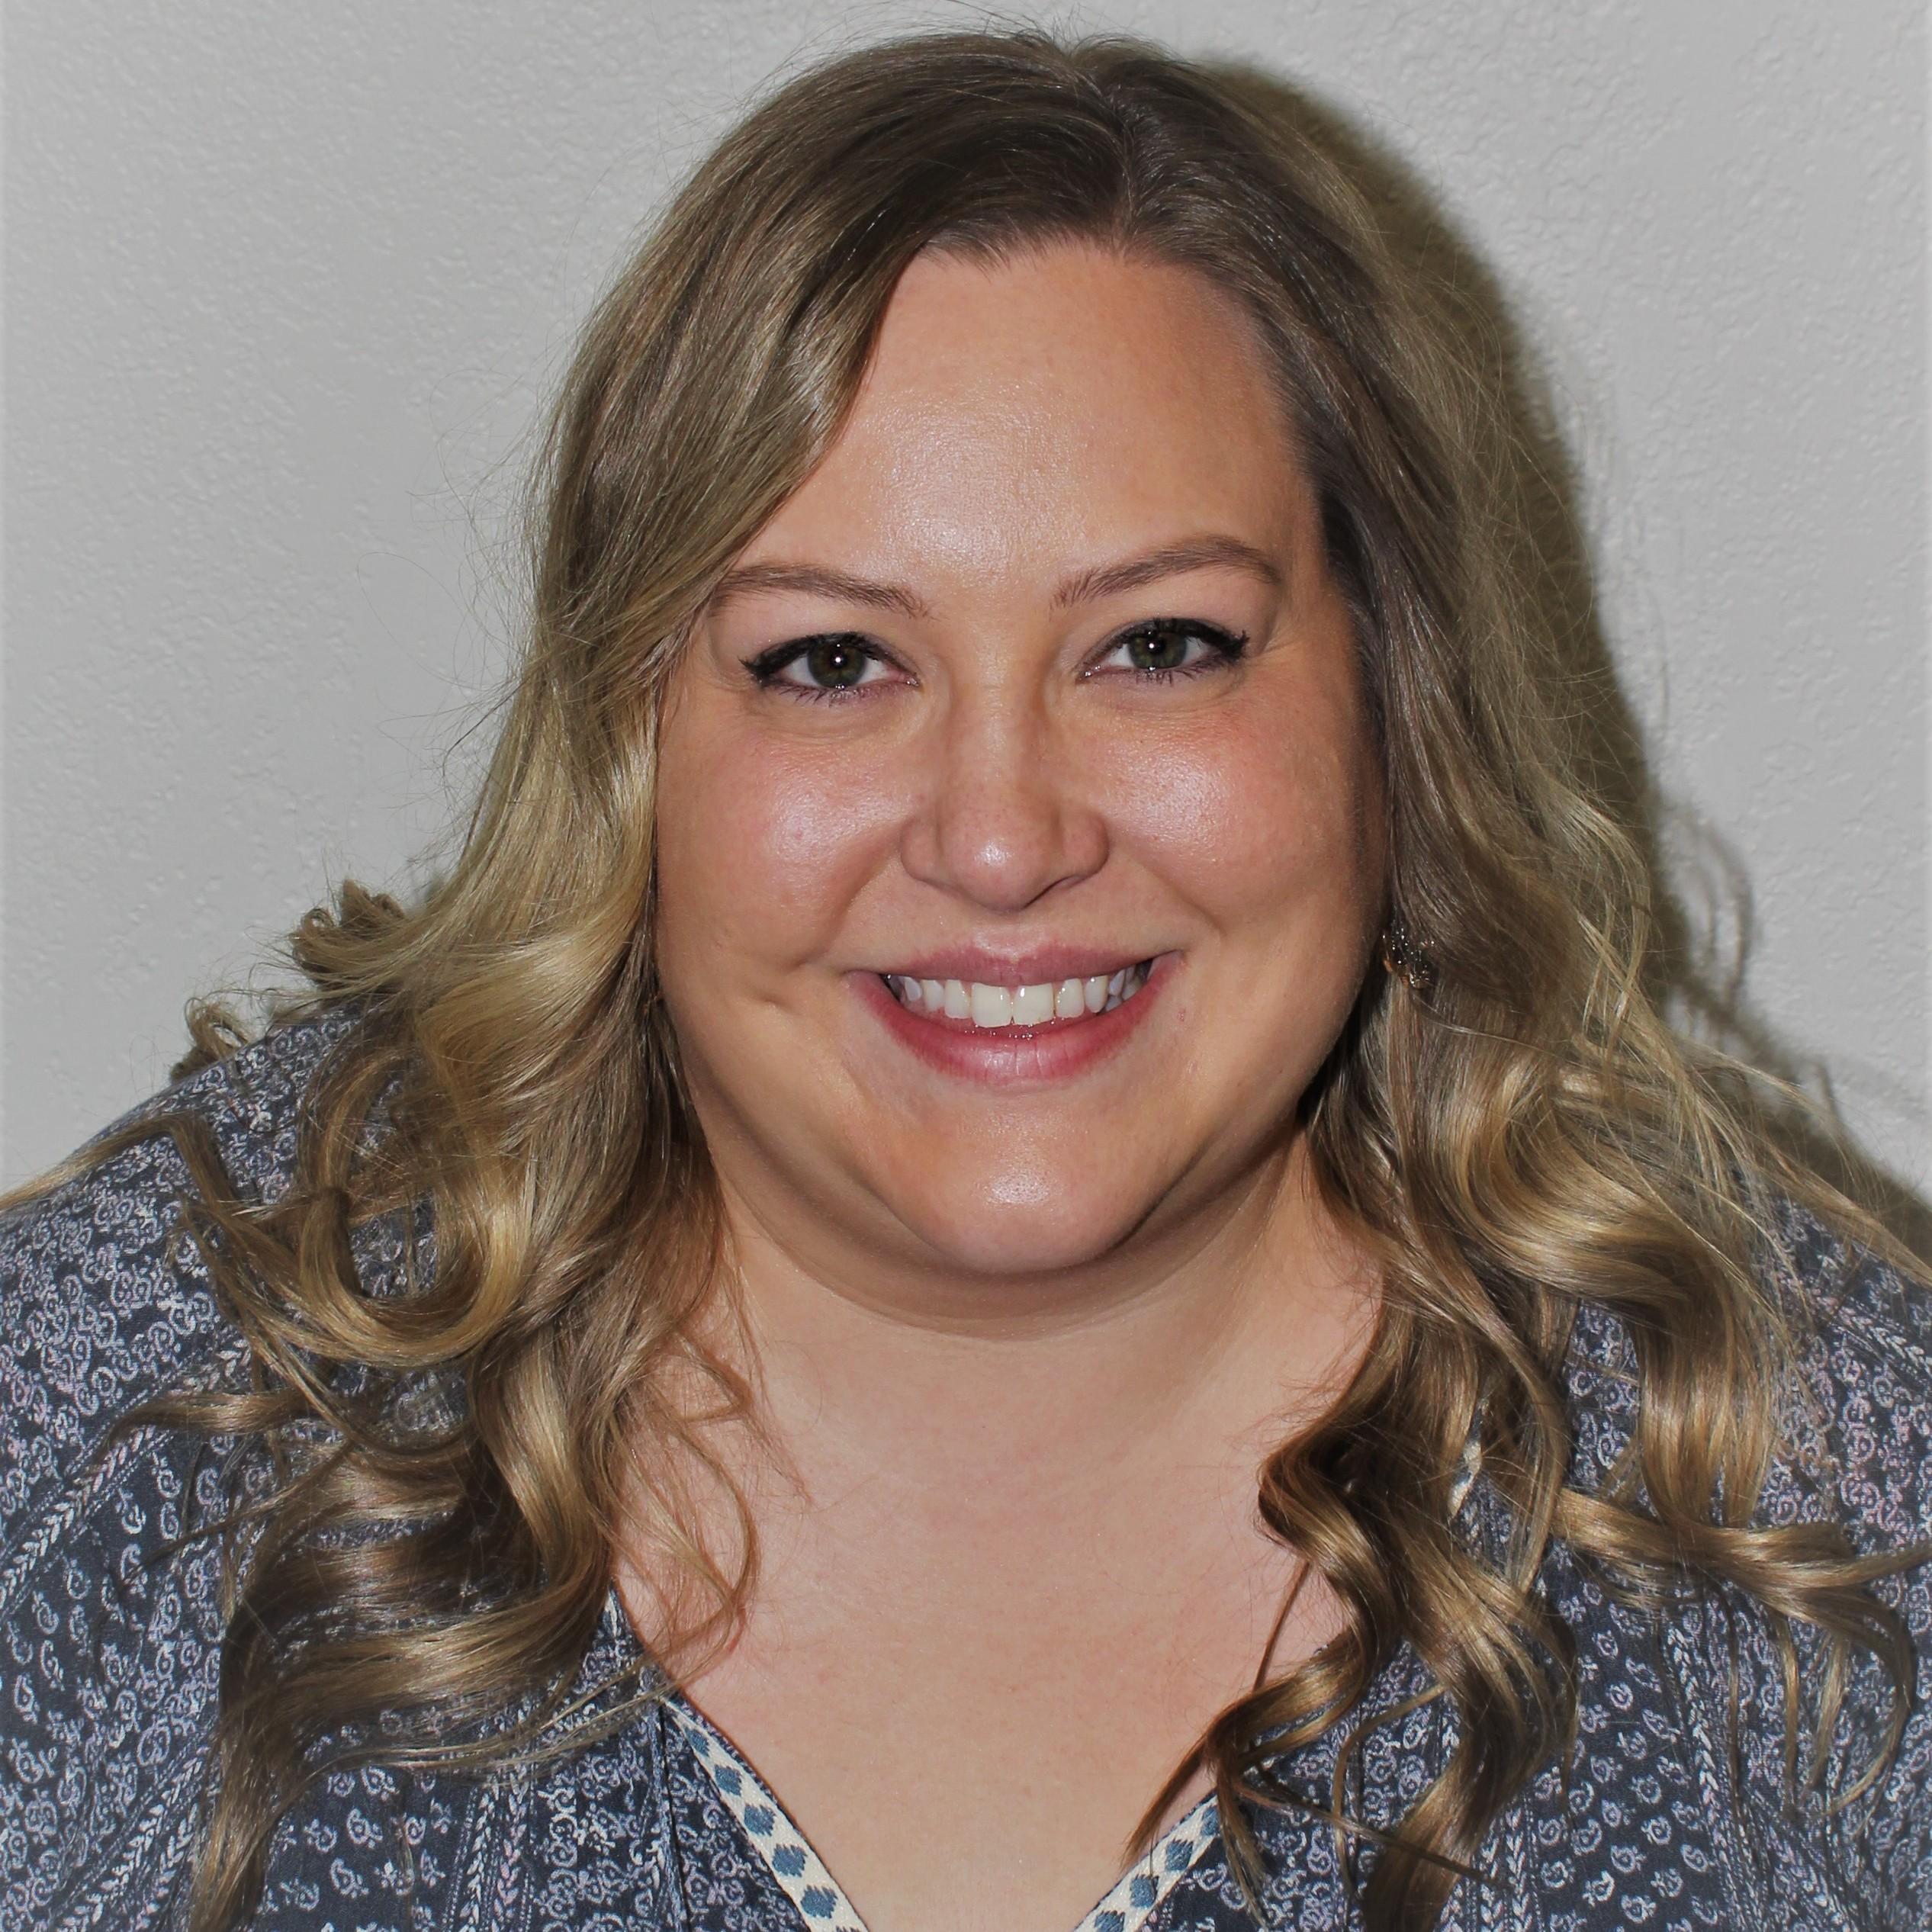 Michelle Fontera